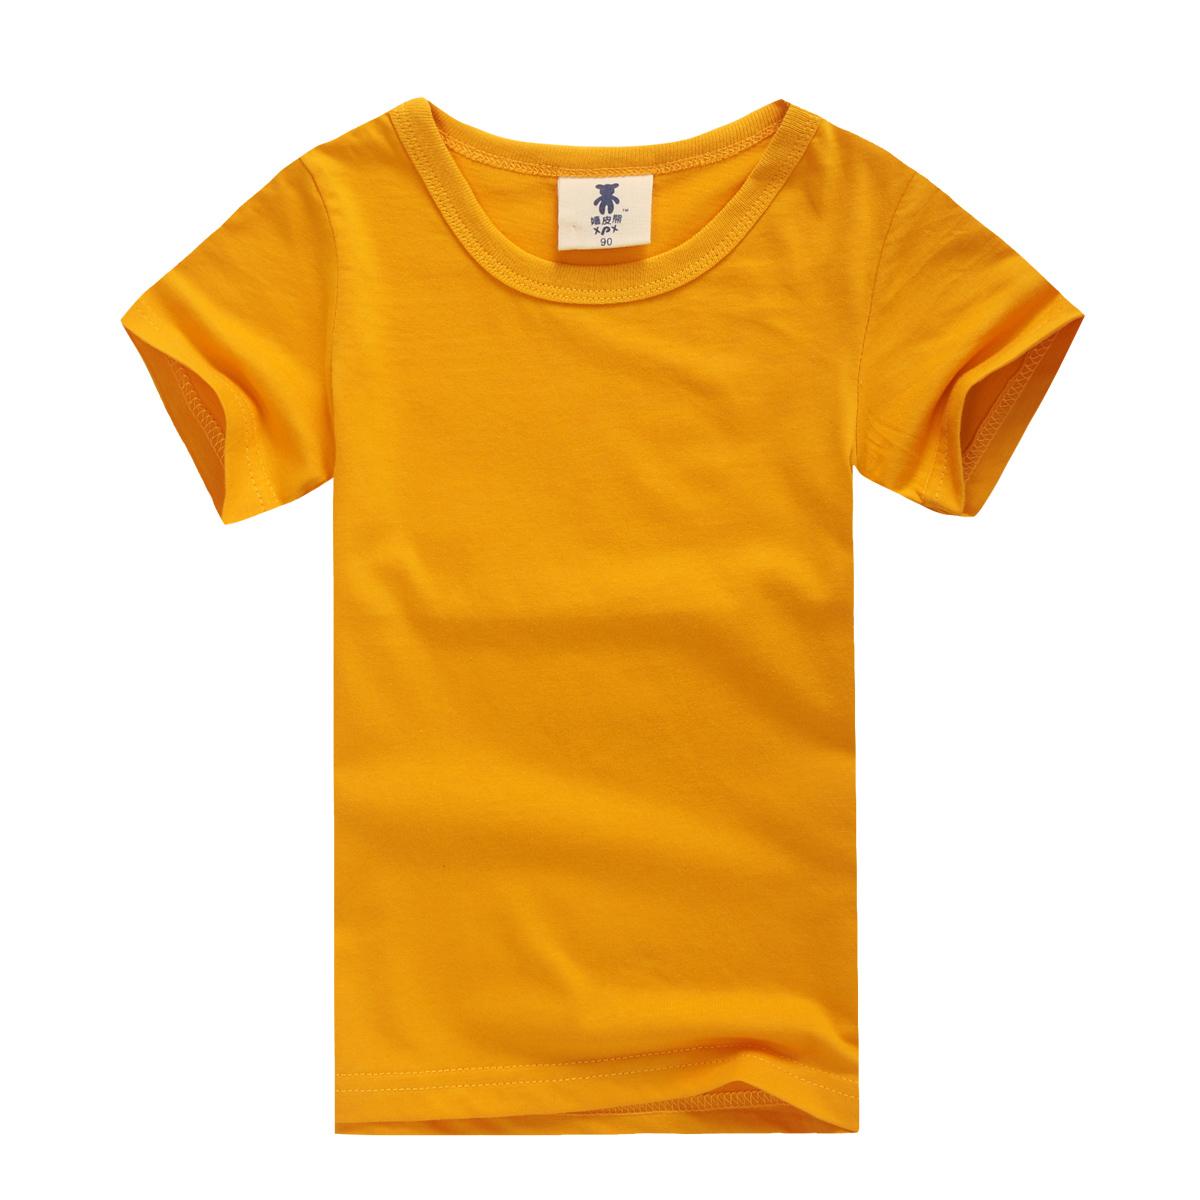 Цвет: имбирный жёлтый цвет